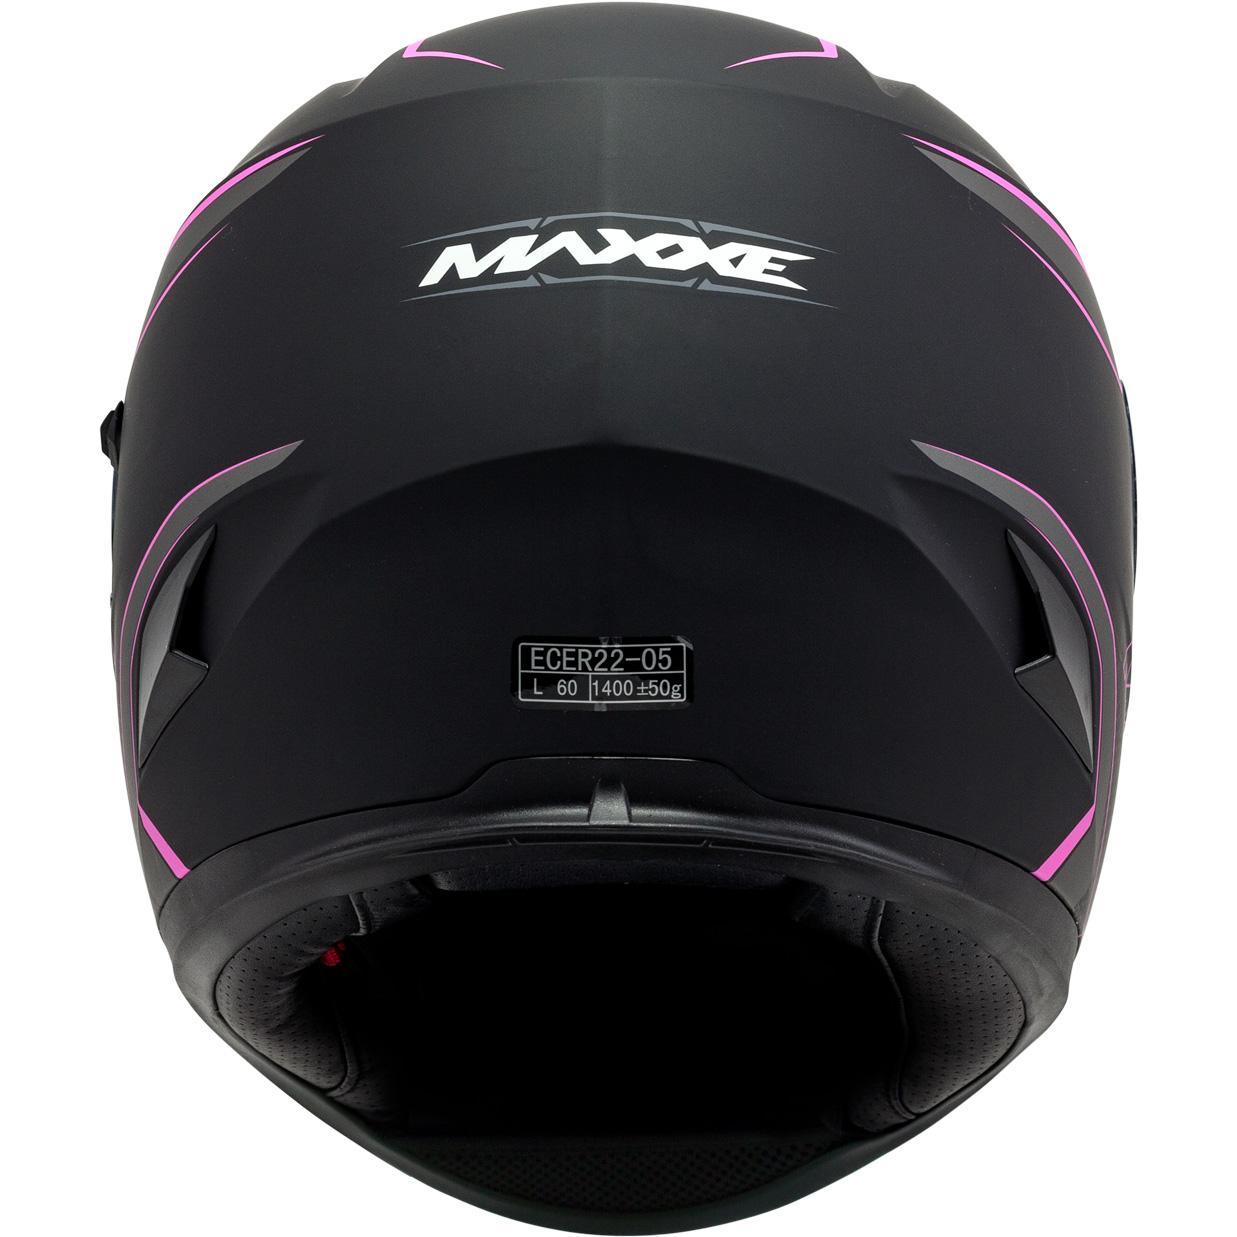 MAXXE-casque-street-image-9634498